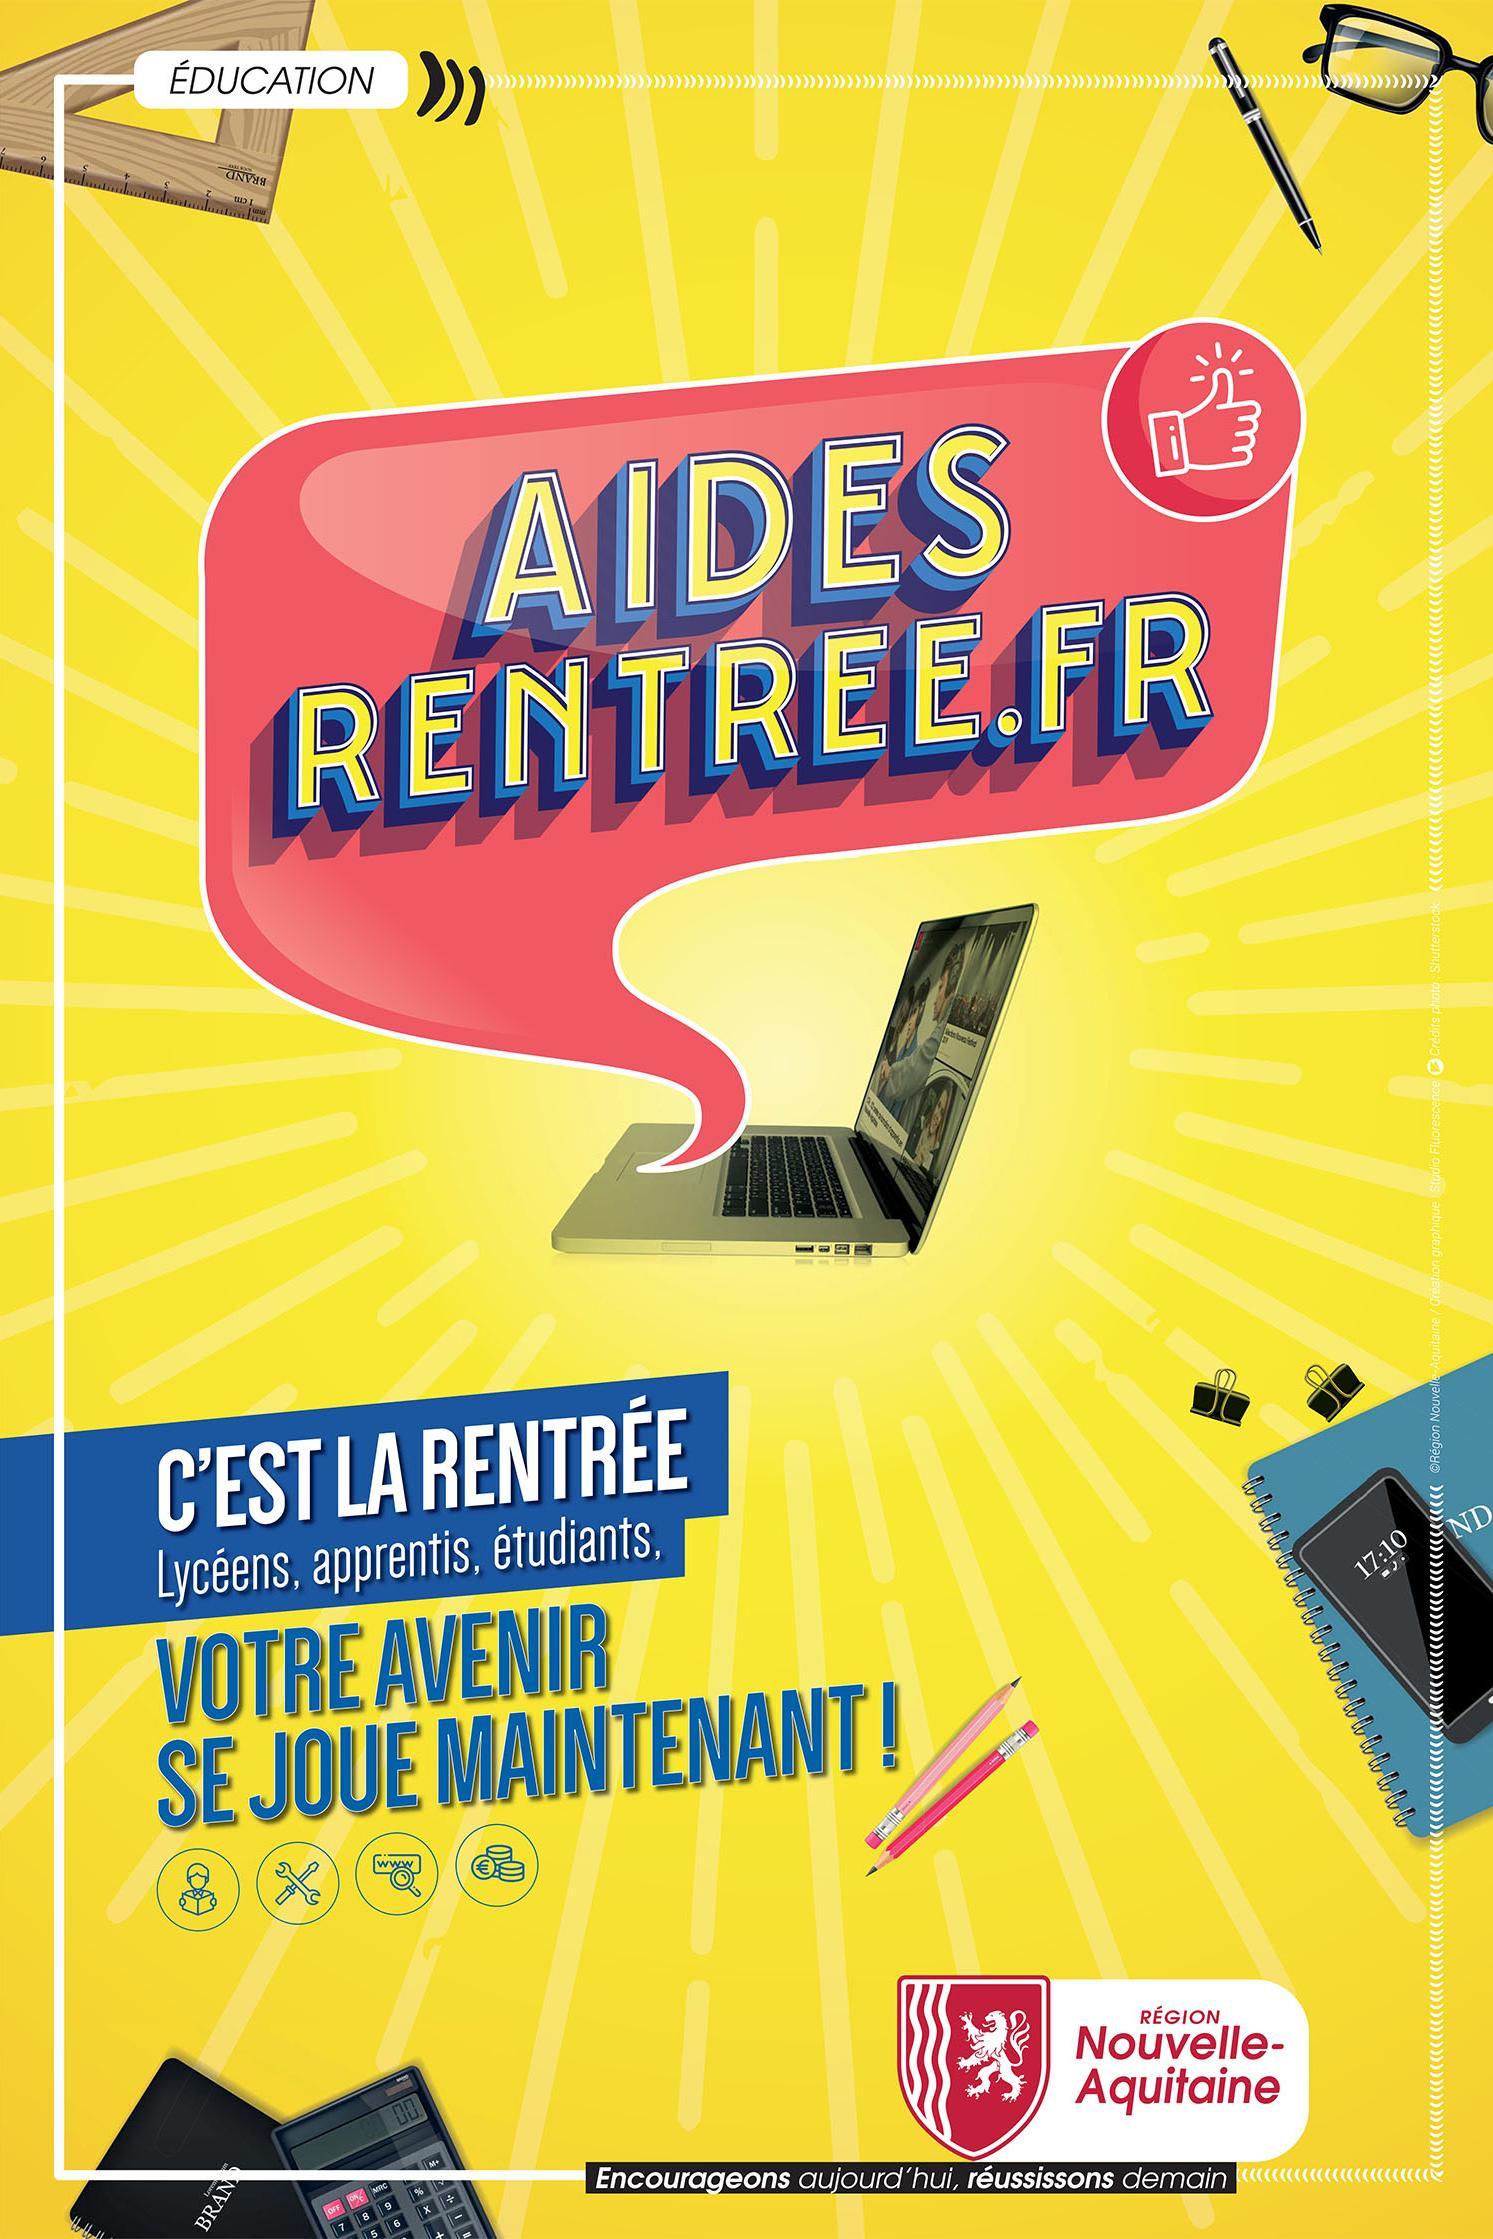 Manuels scolaires gratuits à hauteur de 200€ et chèque-livres de 20€ offert pour les lycéens - Région Nouvelle-Aquitaine